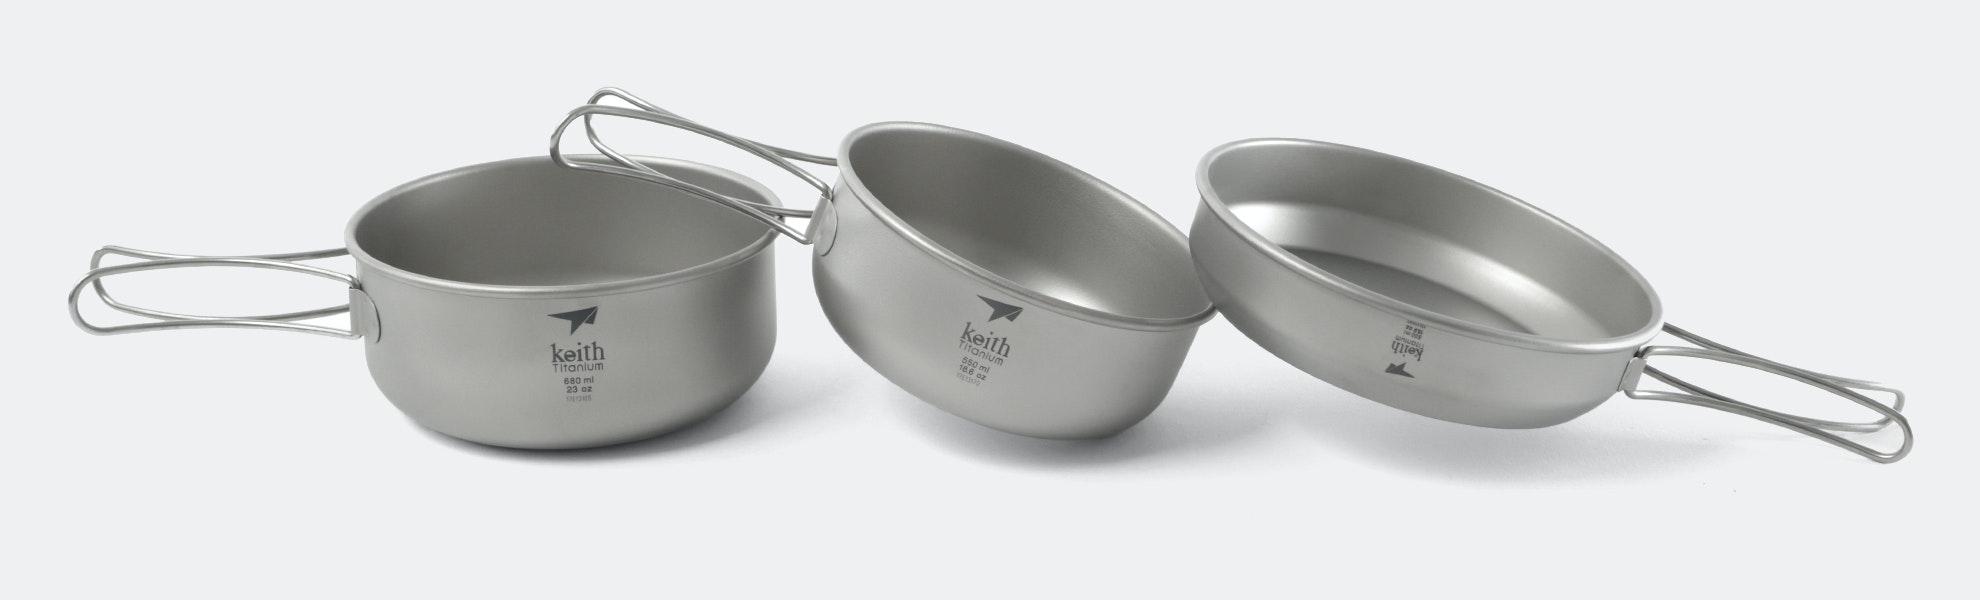 Keith Ti6053 Titanium 3-Piece Bowls & Pan Set